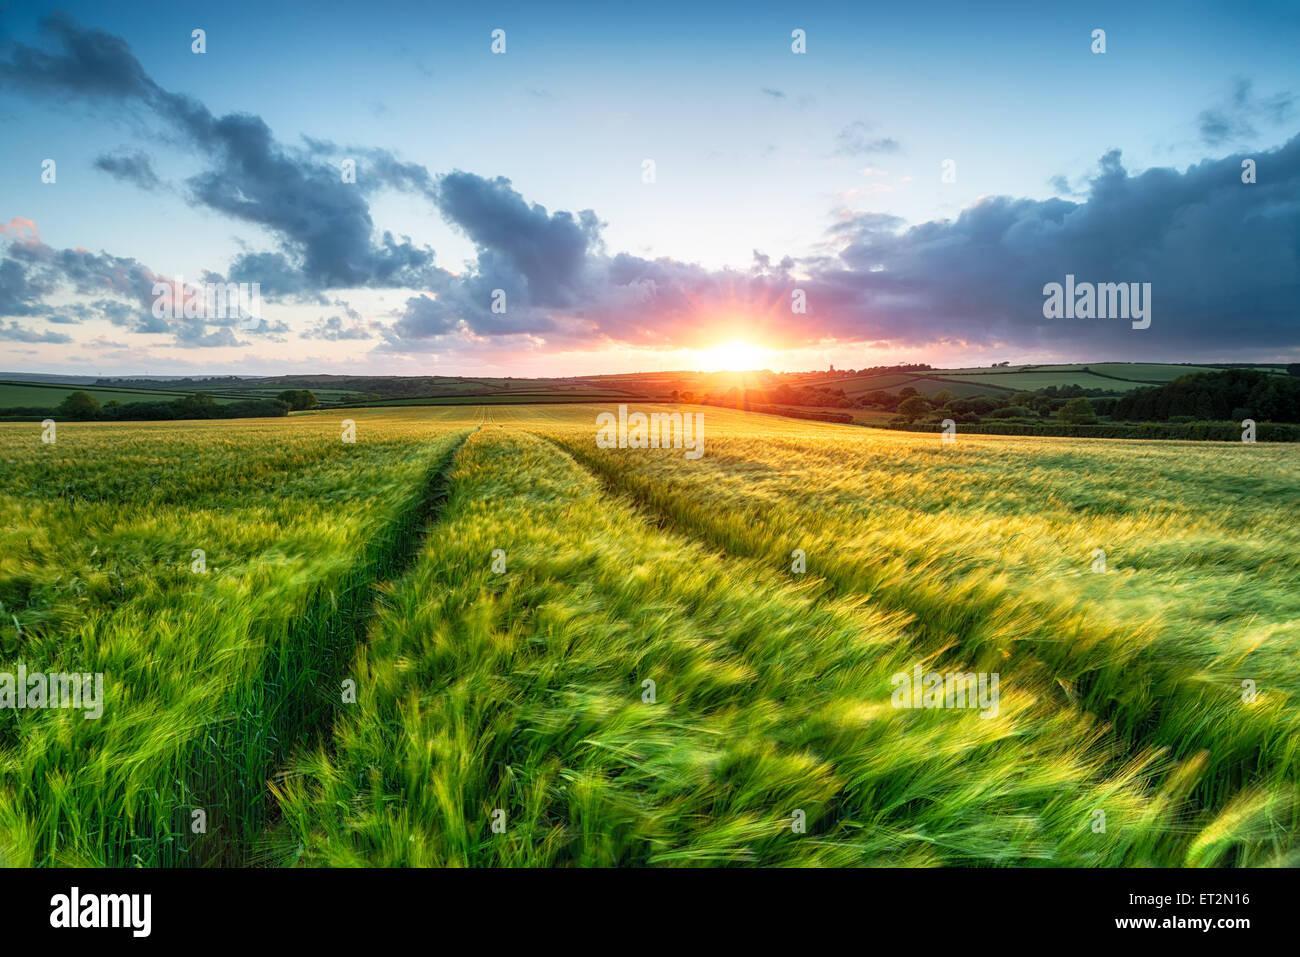 Coucher de soleil sur terrain agricole avec l'orge qui souffle dans la brise Photo Stock